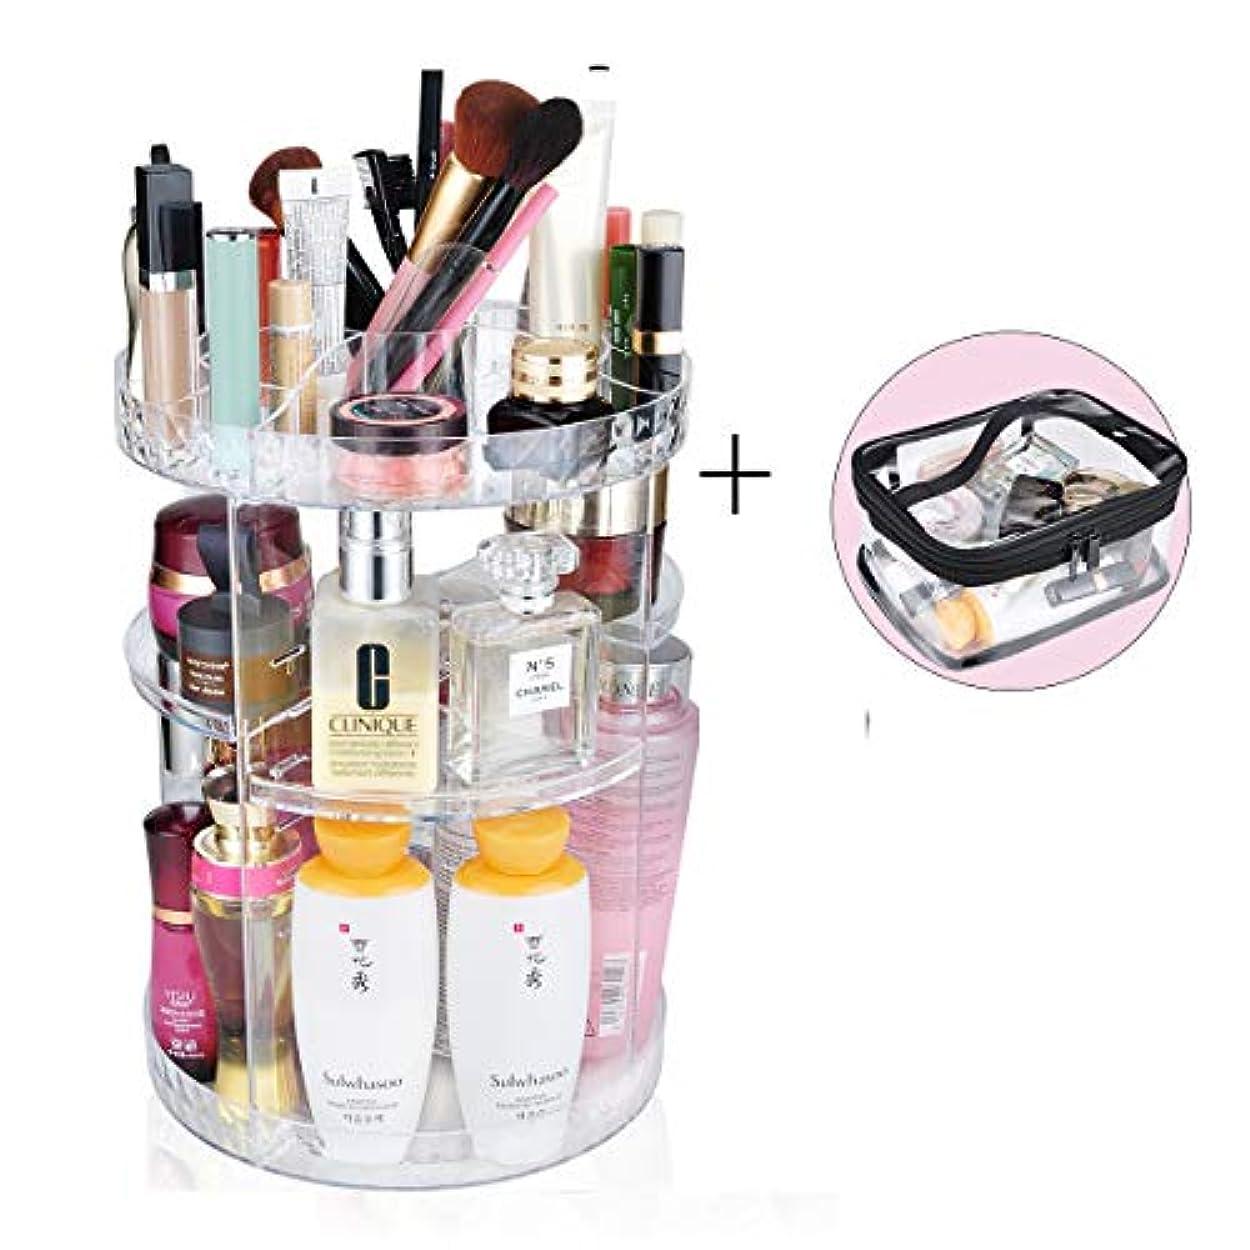 十祖母サポート化粧品収納ボックス 360度回転コスメボックス コスメ収納ラックスタンド整理 大容量透明メイクボックス